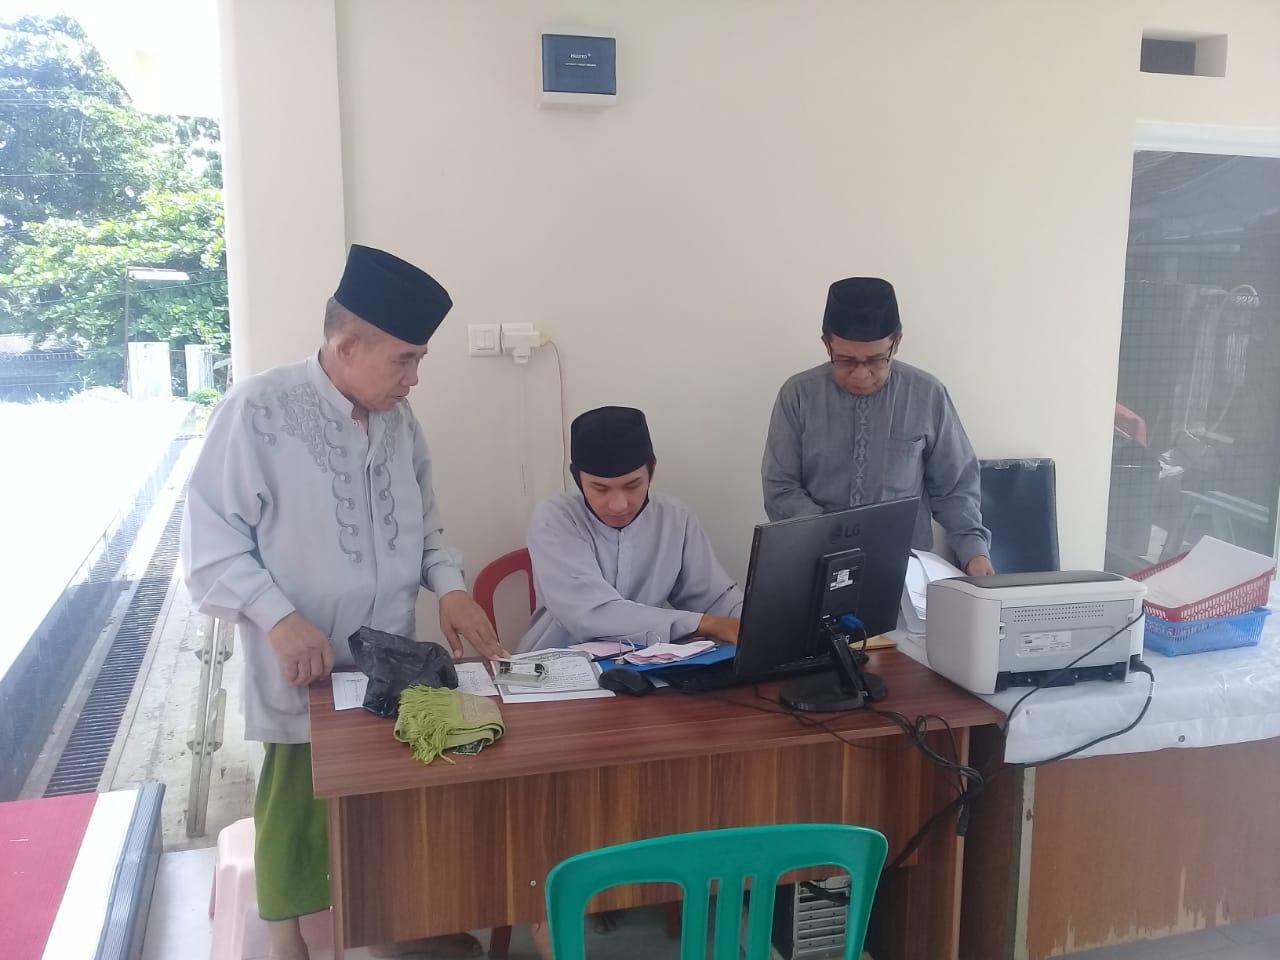 Dibuka, Mulai 21 Ramadhan, Masjid Al Barokah Menerima Pembayaran Zakat, Infaq Dan Sodaqoh